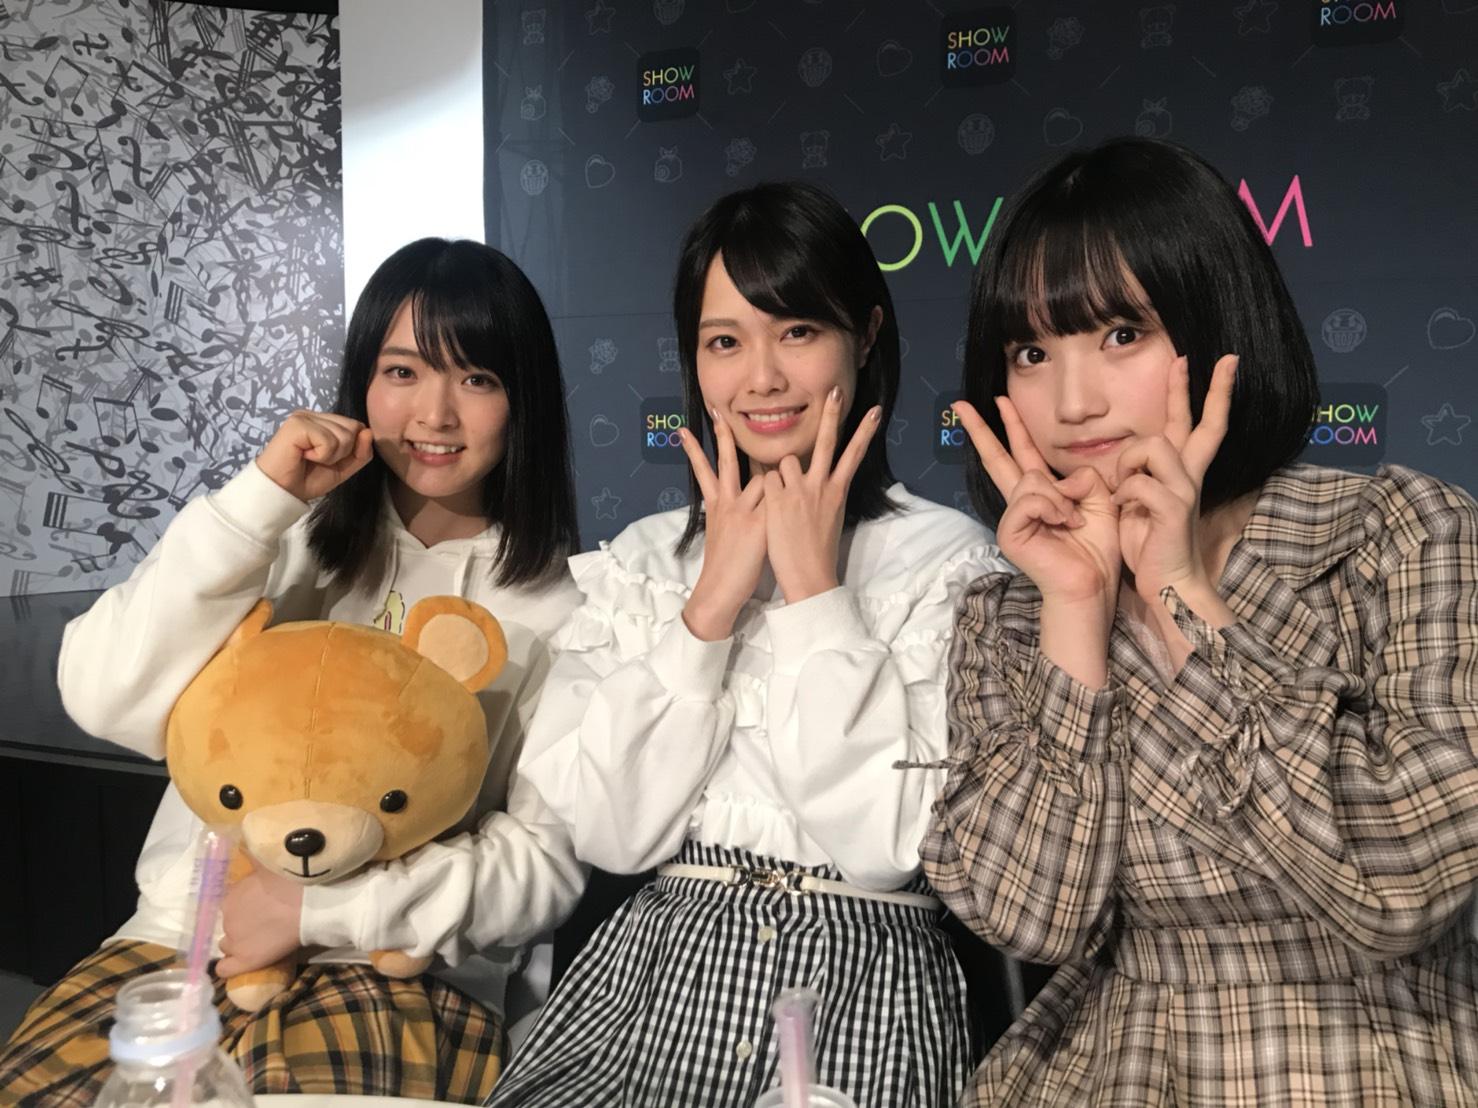 2018年11月5日午後9時からのSHOWROOM生配信にてサプライズ発表された時に立ちあったメンバー。左から、大森美優、小田えりな、矢作萌夏